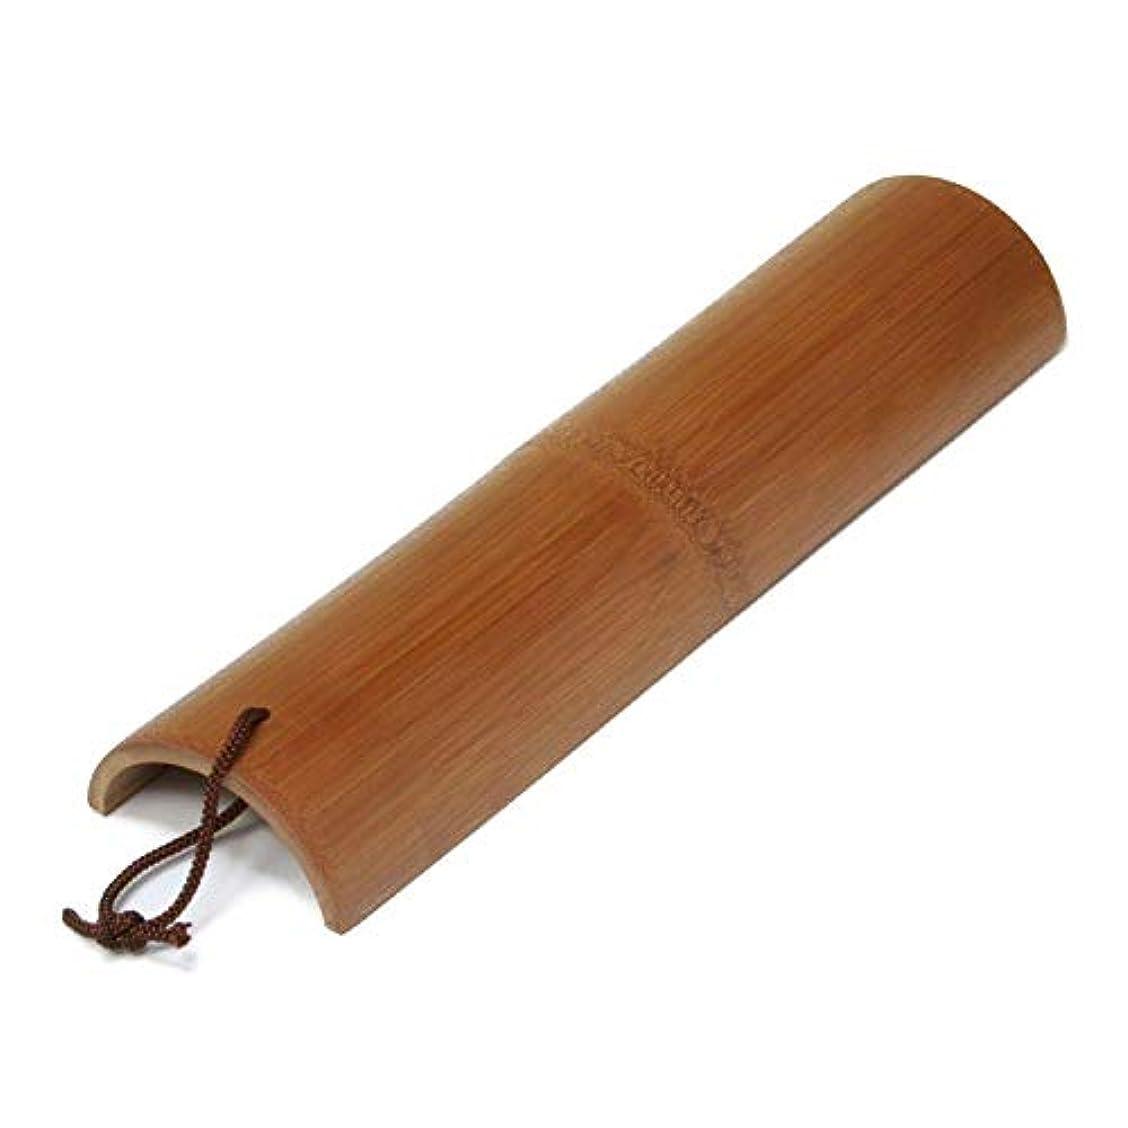 蘇生する申請者スクラップ炭化竹製「大判?踏み竹」 「竹の本場?大分県」よりお届けします